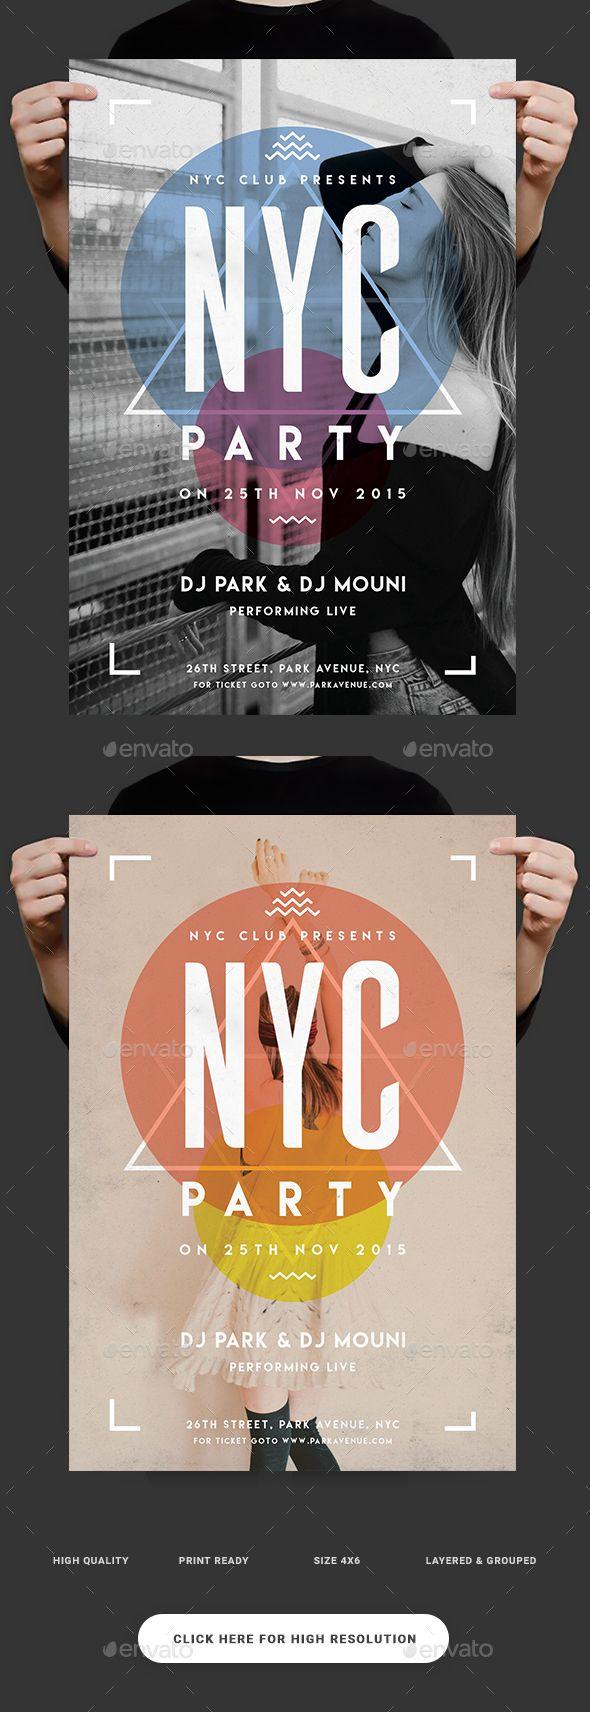 Best 25+ Party flyer ideas on Pinterest